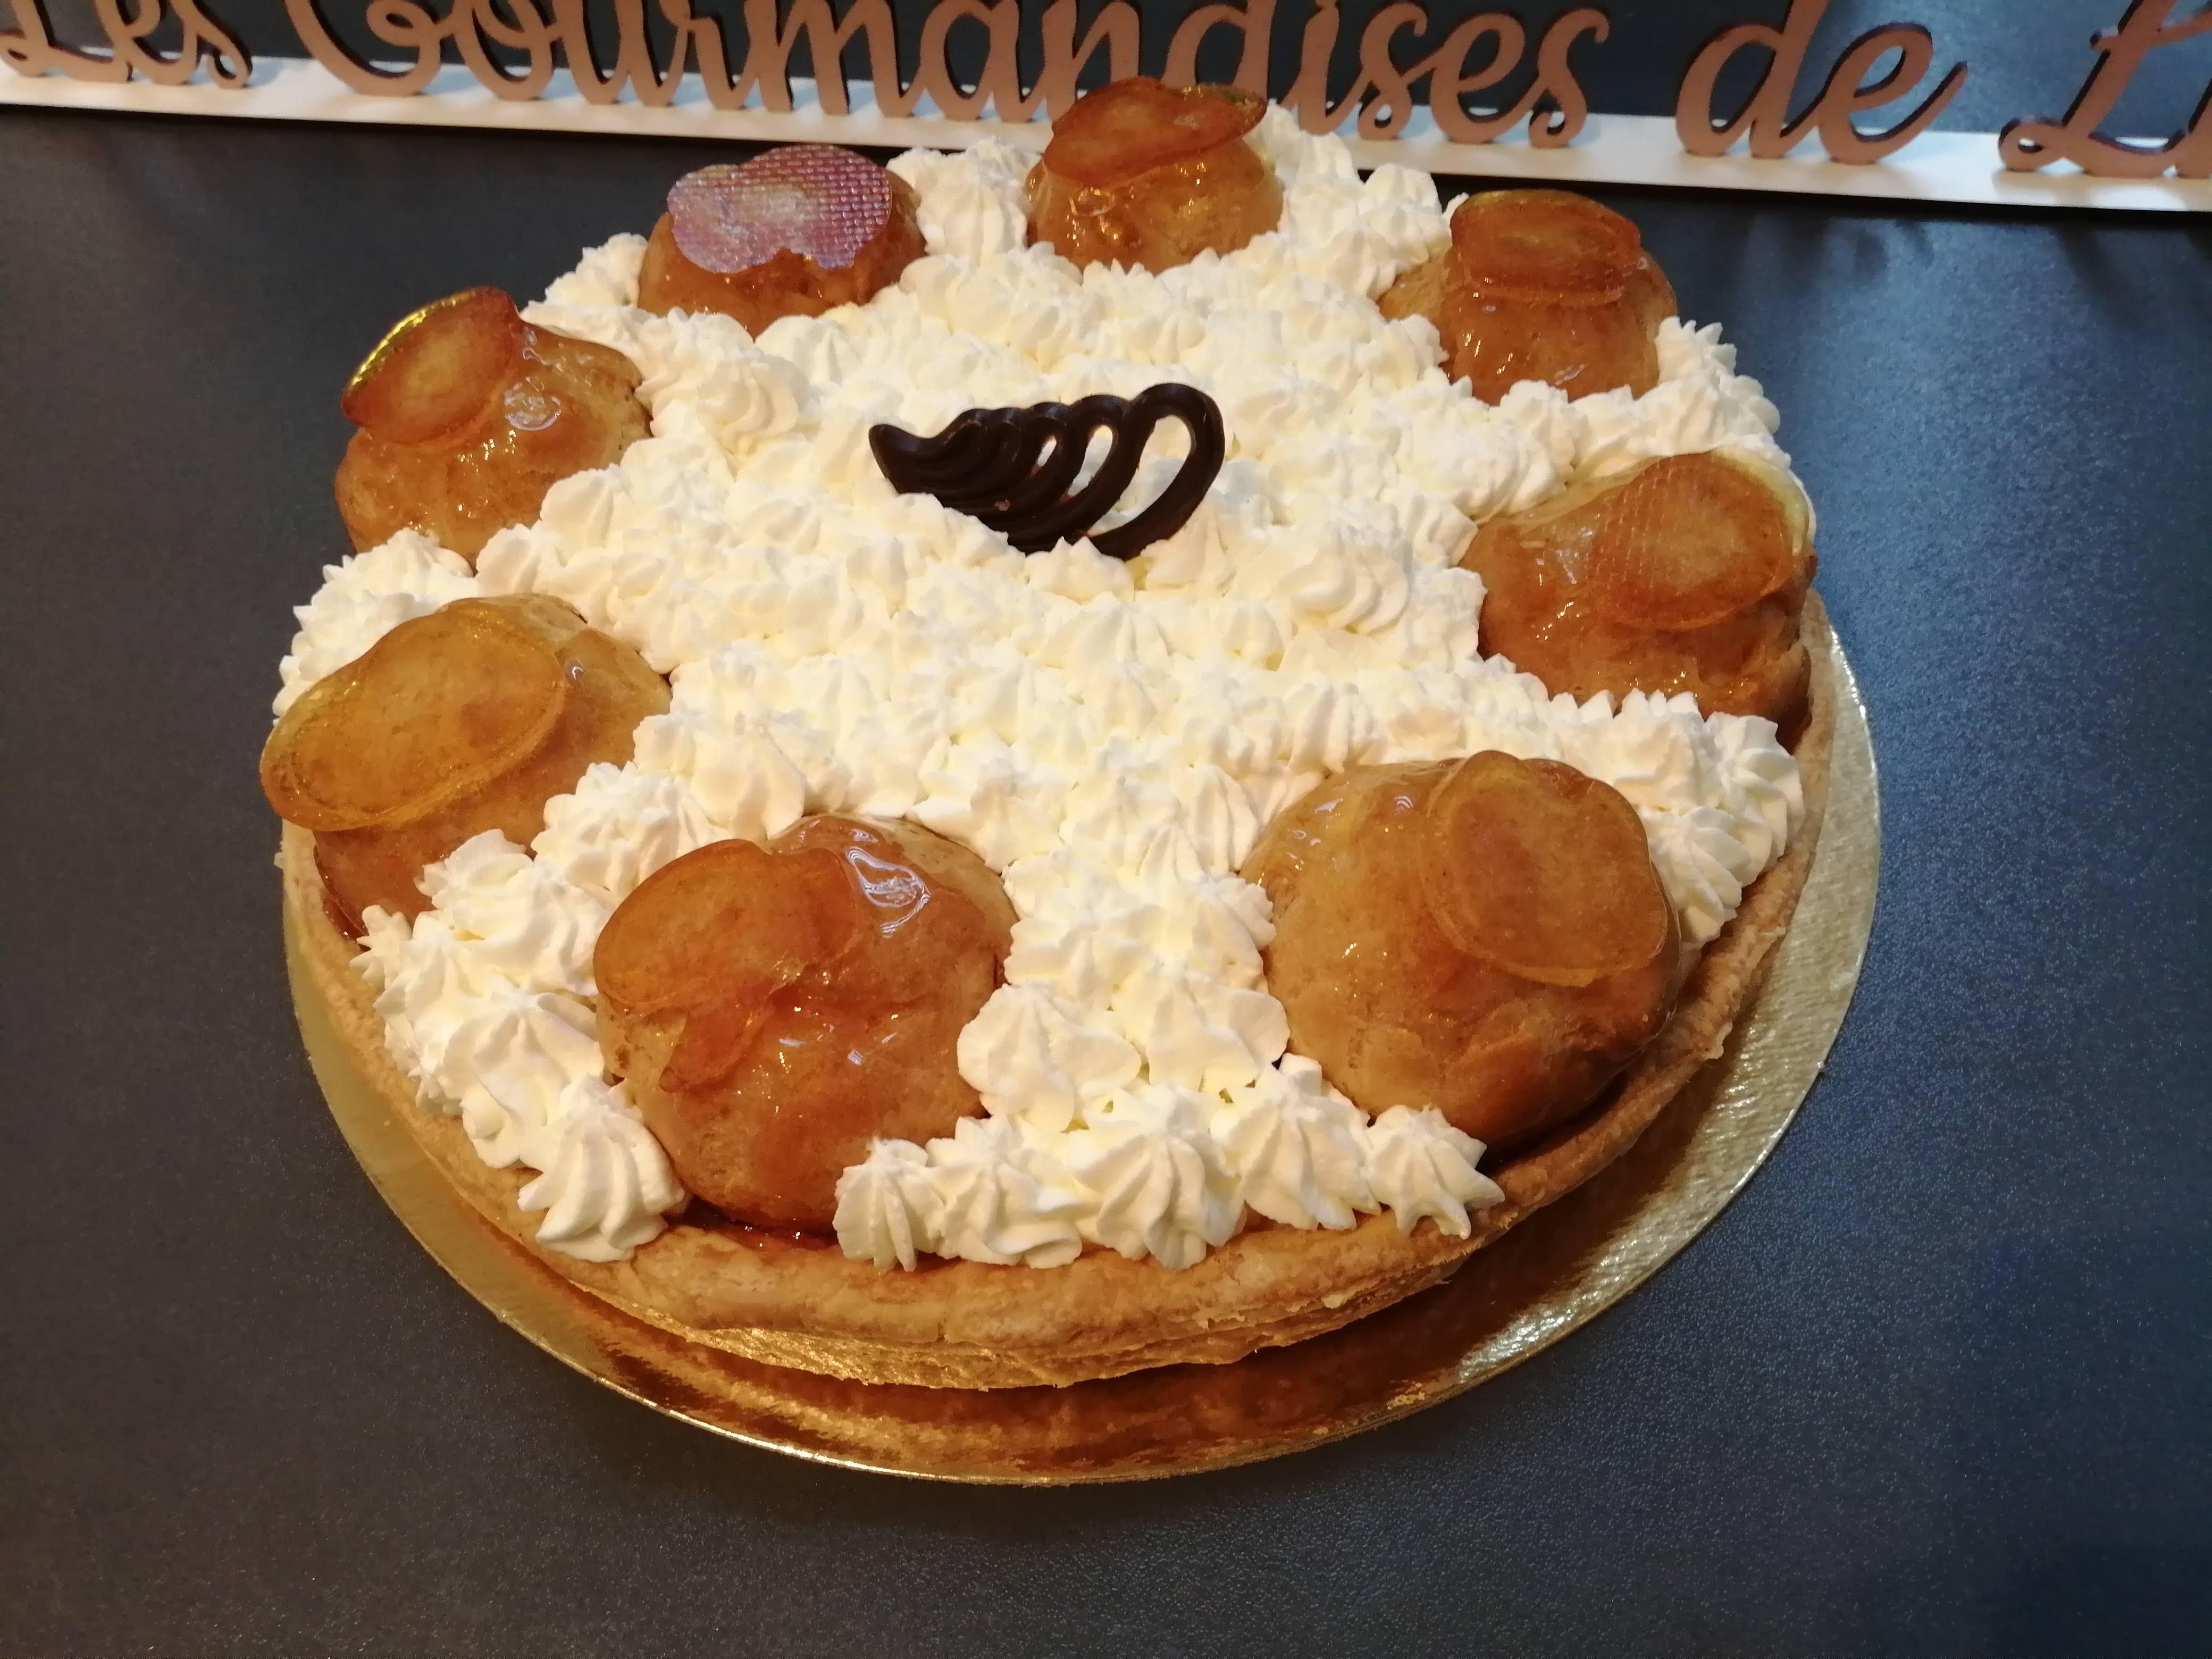 St Honoré classique : pâte feuilletée, pâte à choux, crème légère, chantilly.